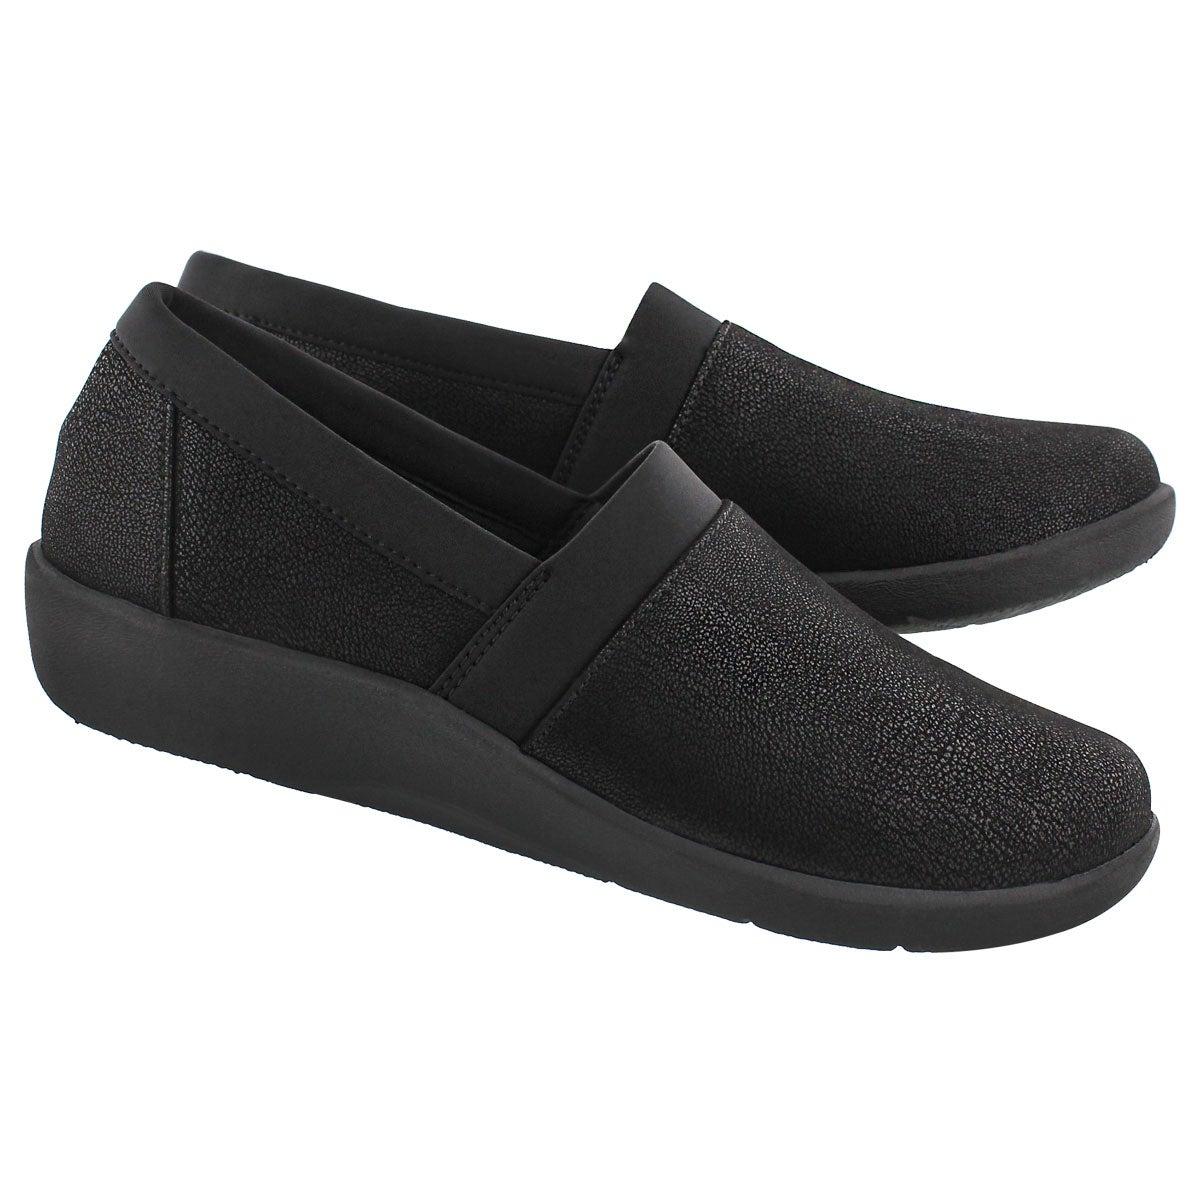 Lds Sillian Blair black slip on loafer